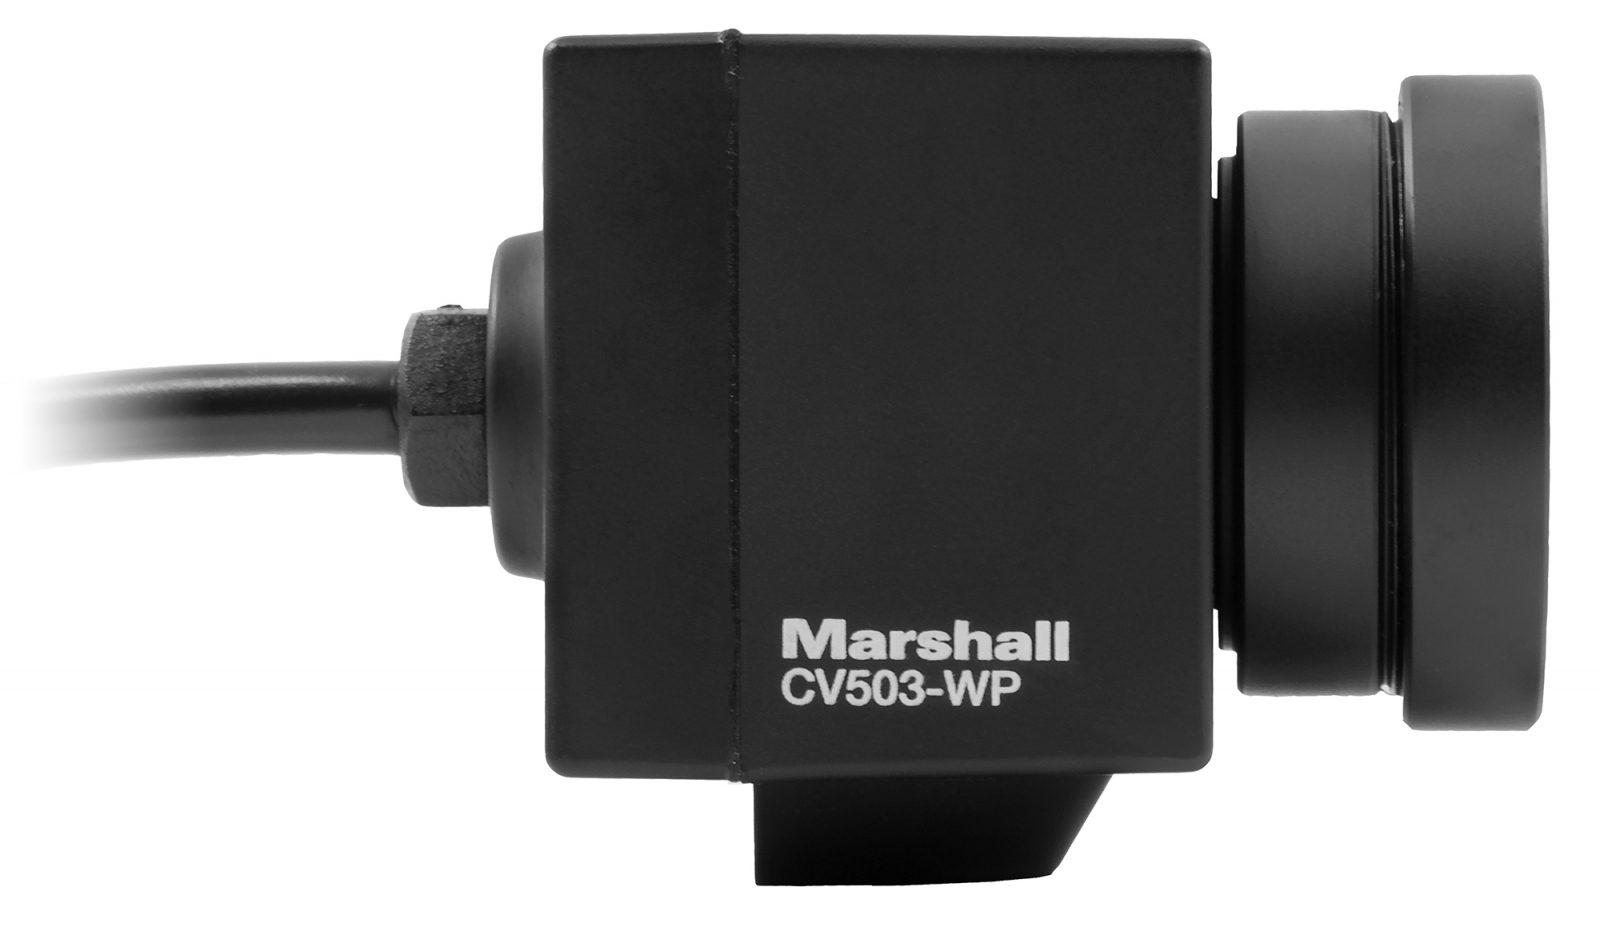 CV503-WP right